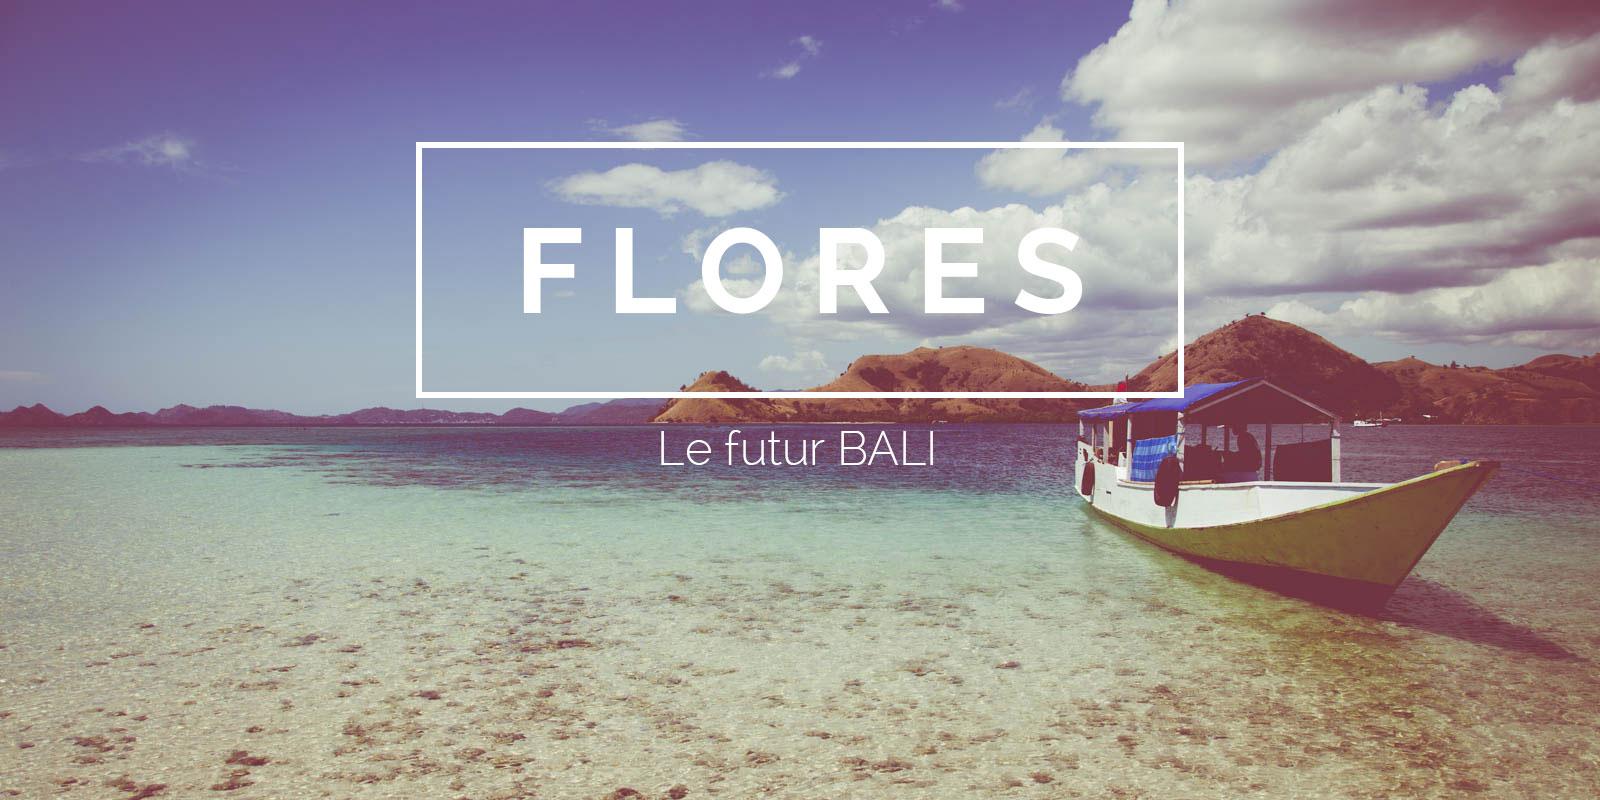 Flores title